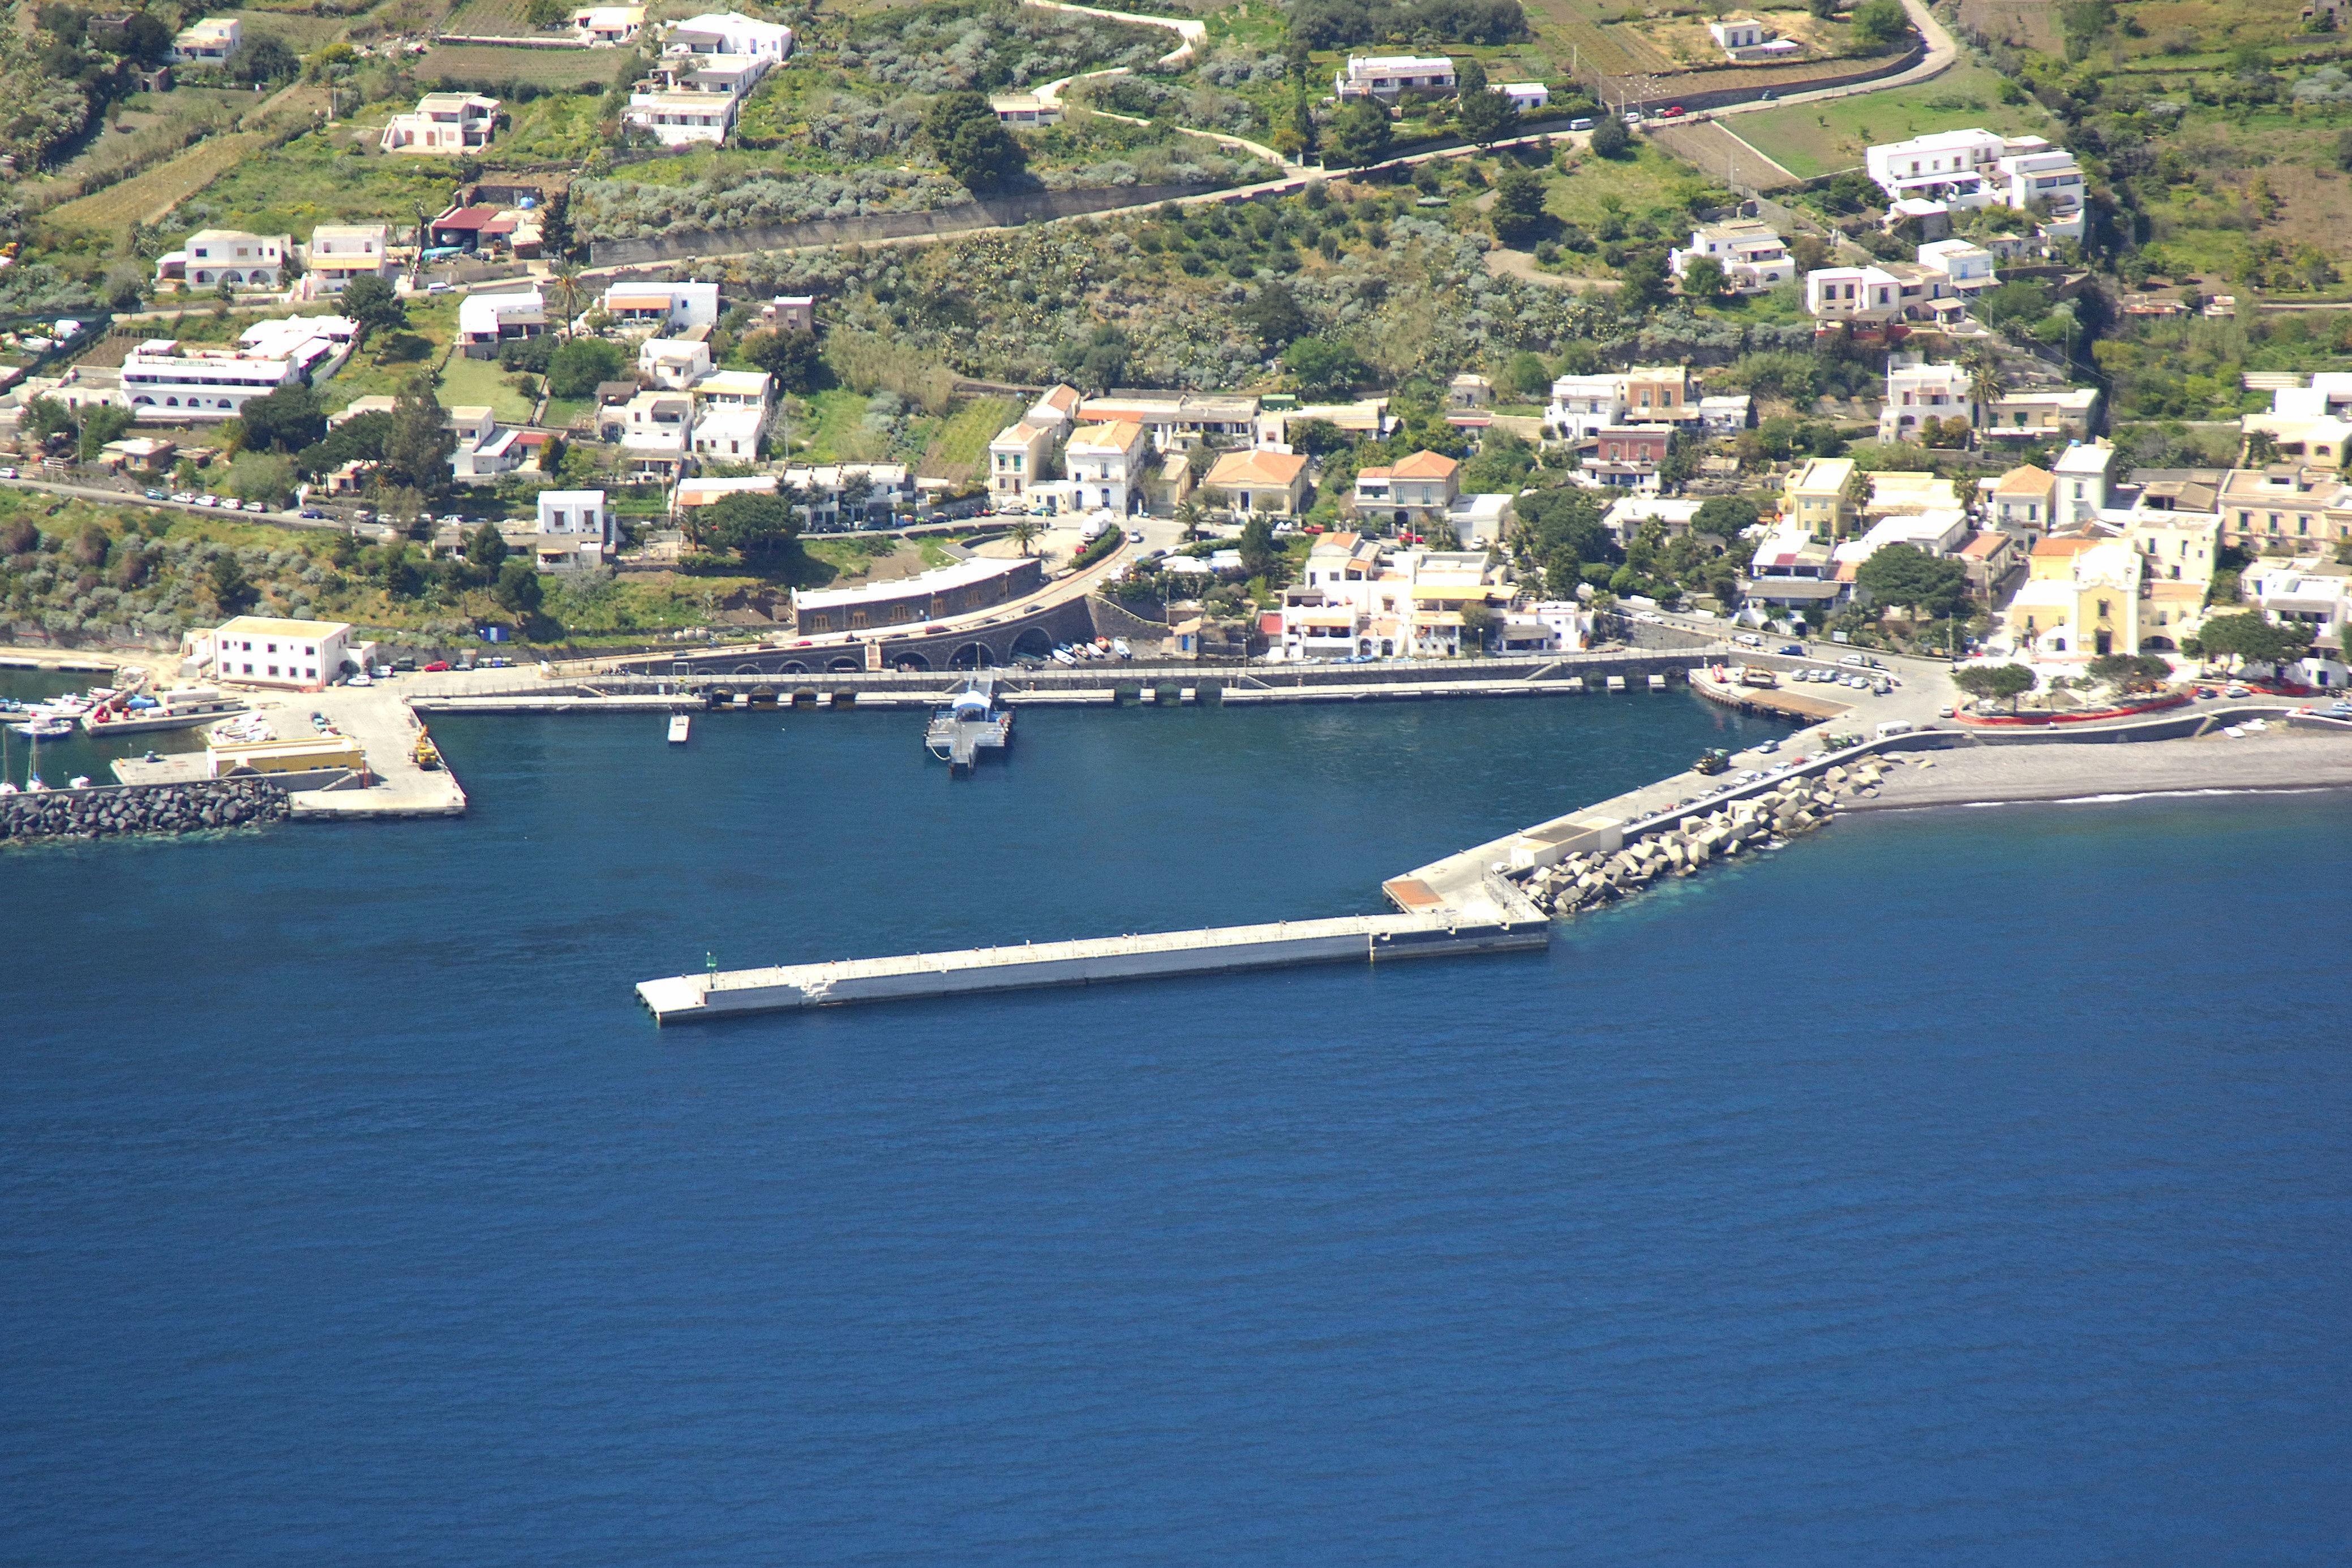 Santa Marina Salina in Santa Marina Salina, Sicily, Italy - Marina ...